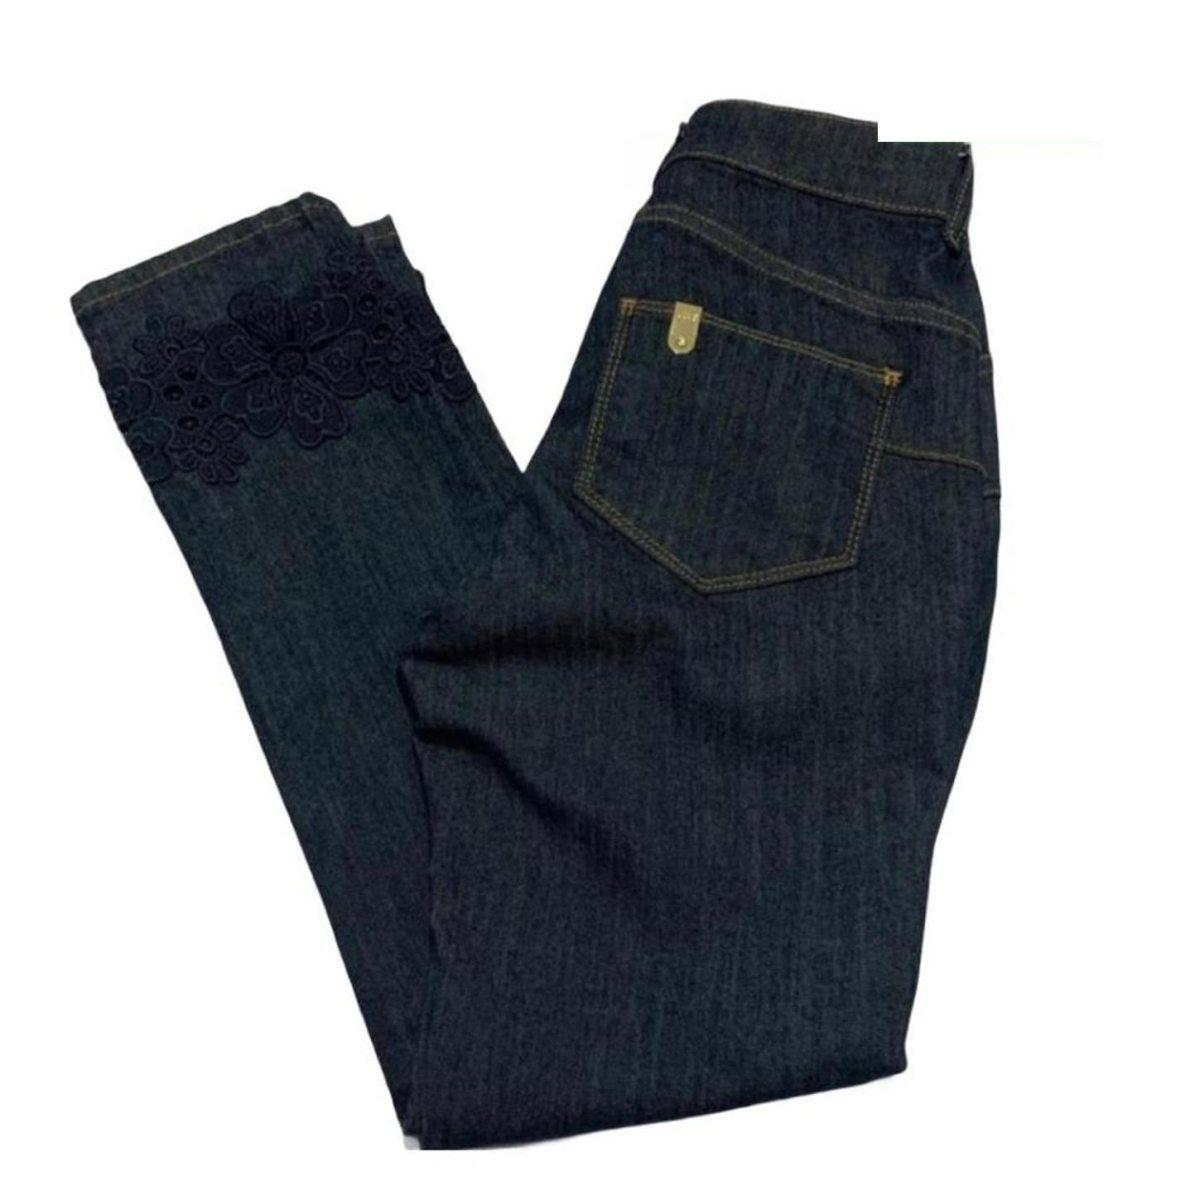 quality design 240e7 70da0 Liu jo Jeans ragazza liu jo d19104-d3092 1109156 0000000122129